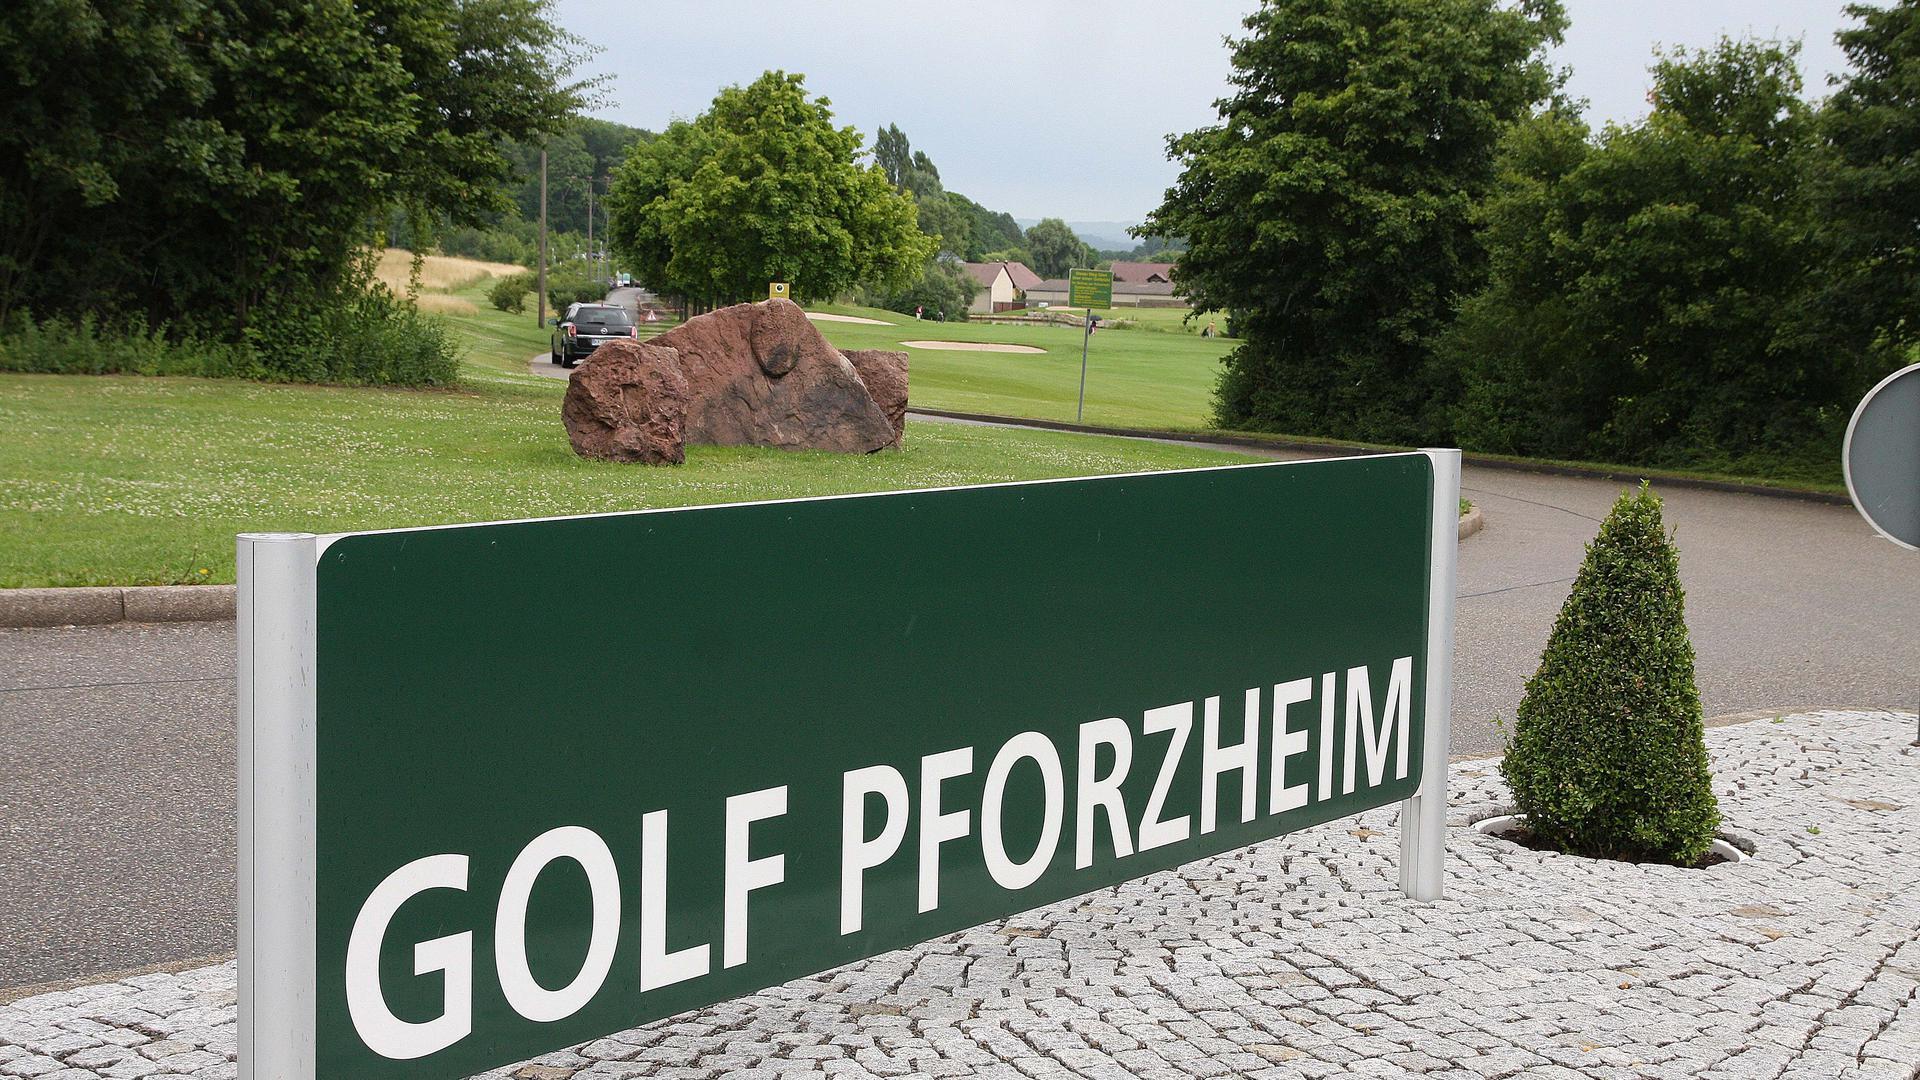 Golfclub Pforzheim Karlshäuser Hof Archivfoto: Wacker